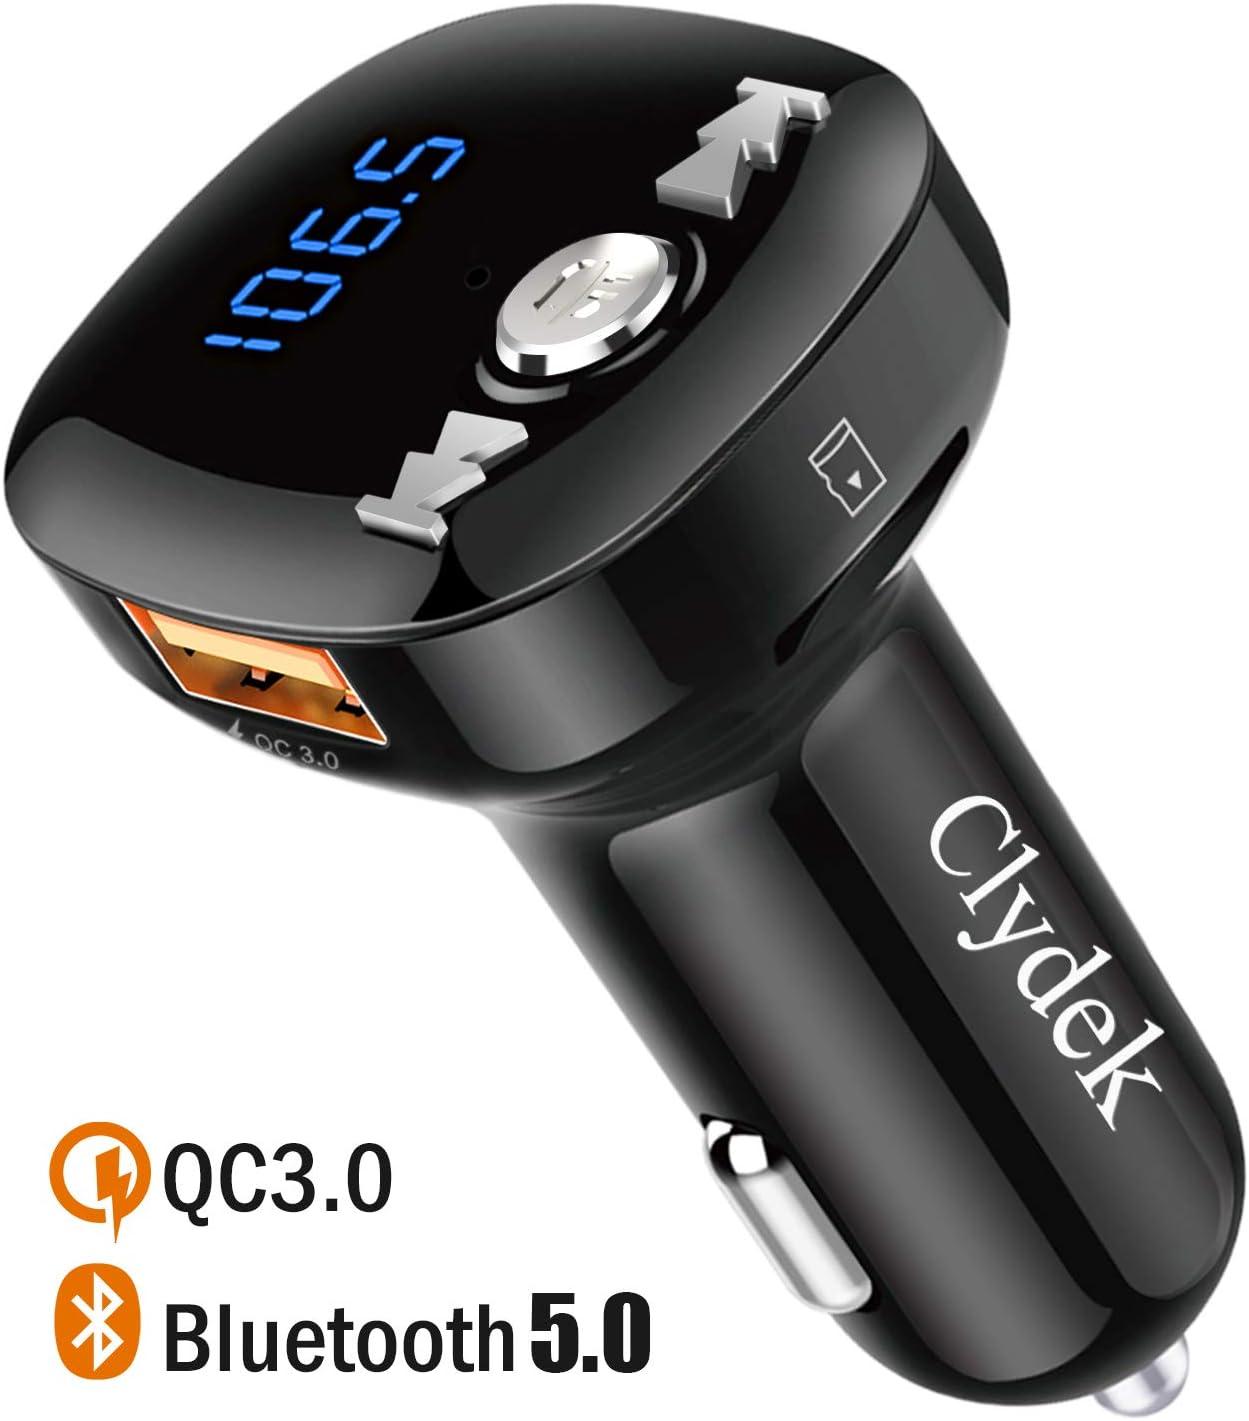 Transmisor FM Bluetooth, Clydek Bluetooth V5.0 Adaptador de Radio de Coche con Llamadas Manos Libres, USB Dual y Carga Rápida QC3.0, Reproductor de Música Compatible con Unidad USB y Tarjeta TF